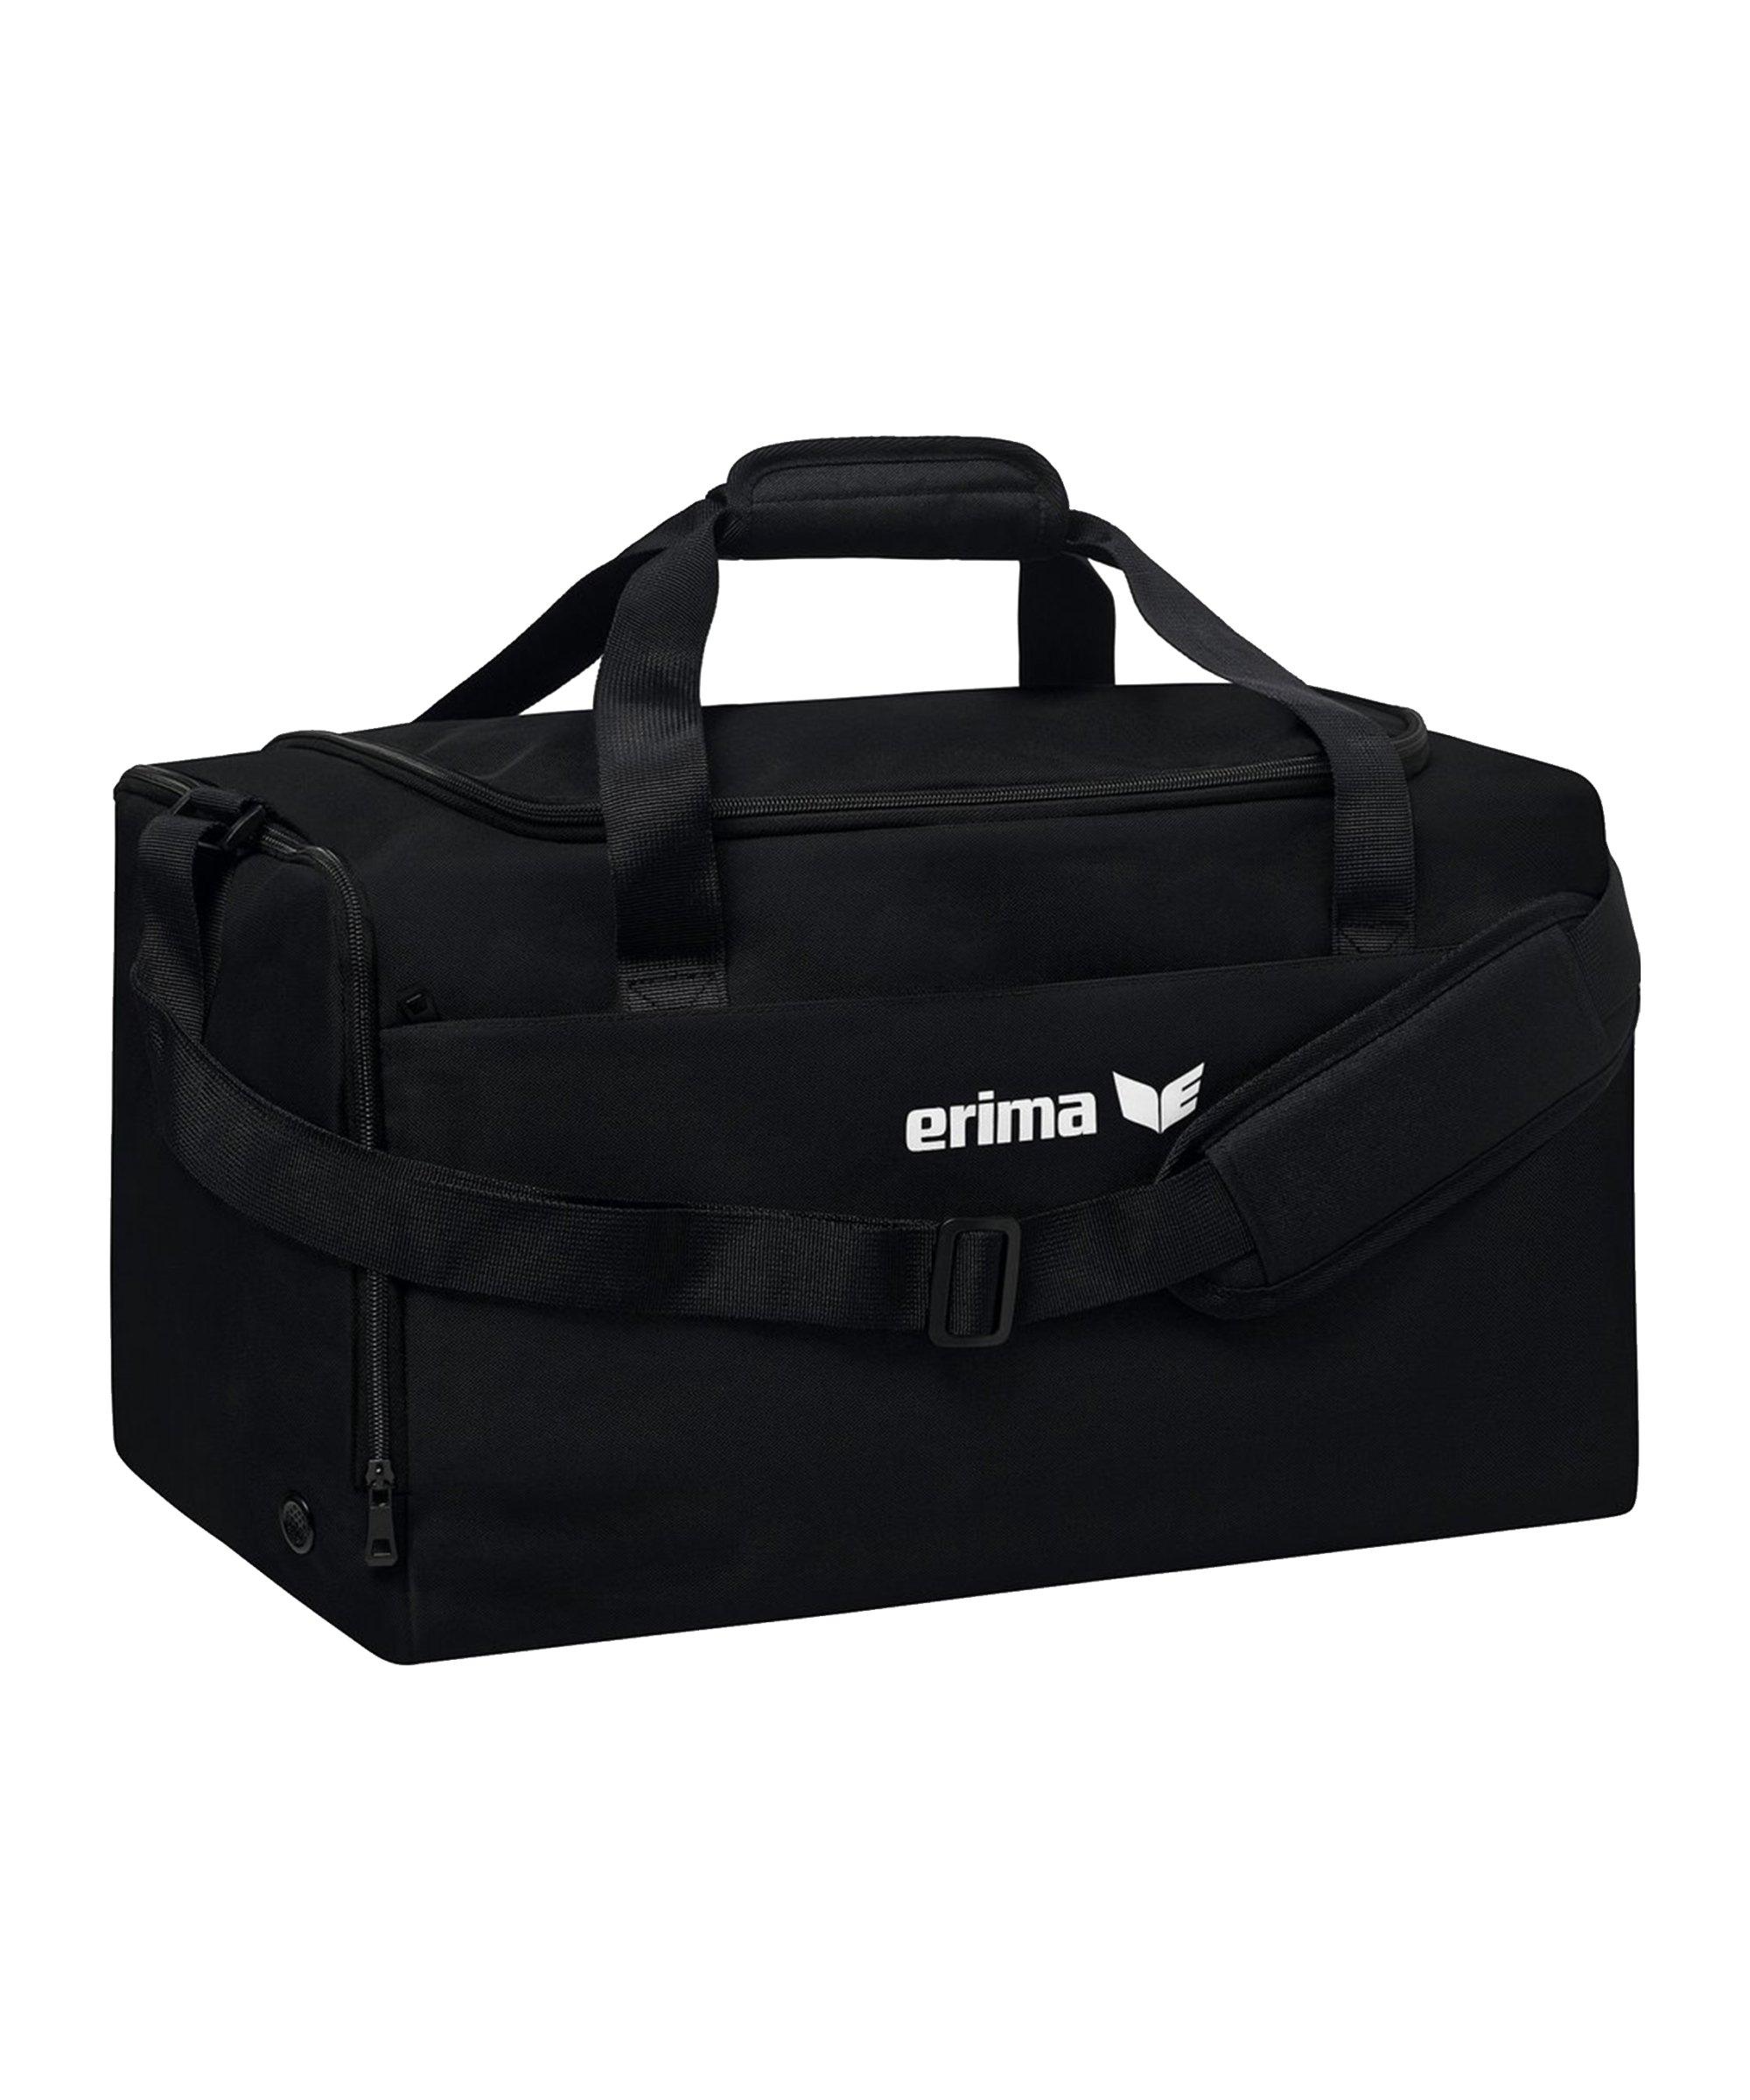 Erima TEAM Sporttasche Gr. M F950 Schwarz - schwarz